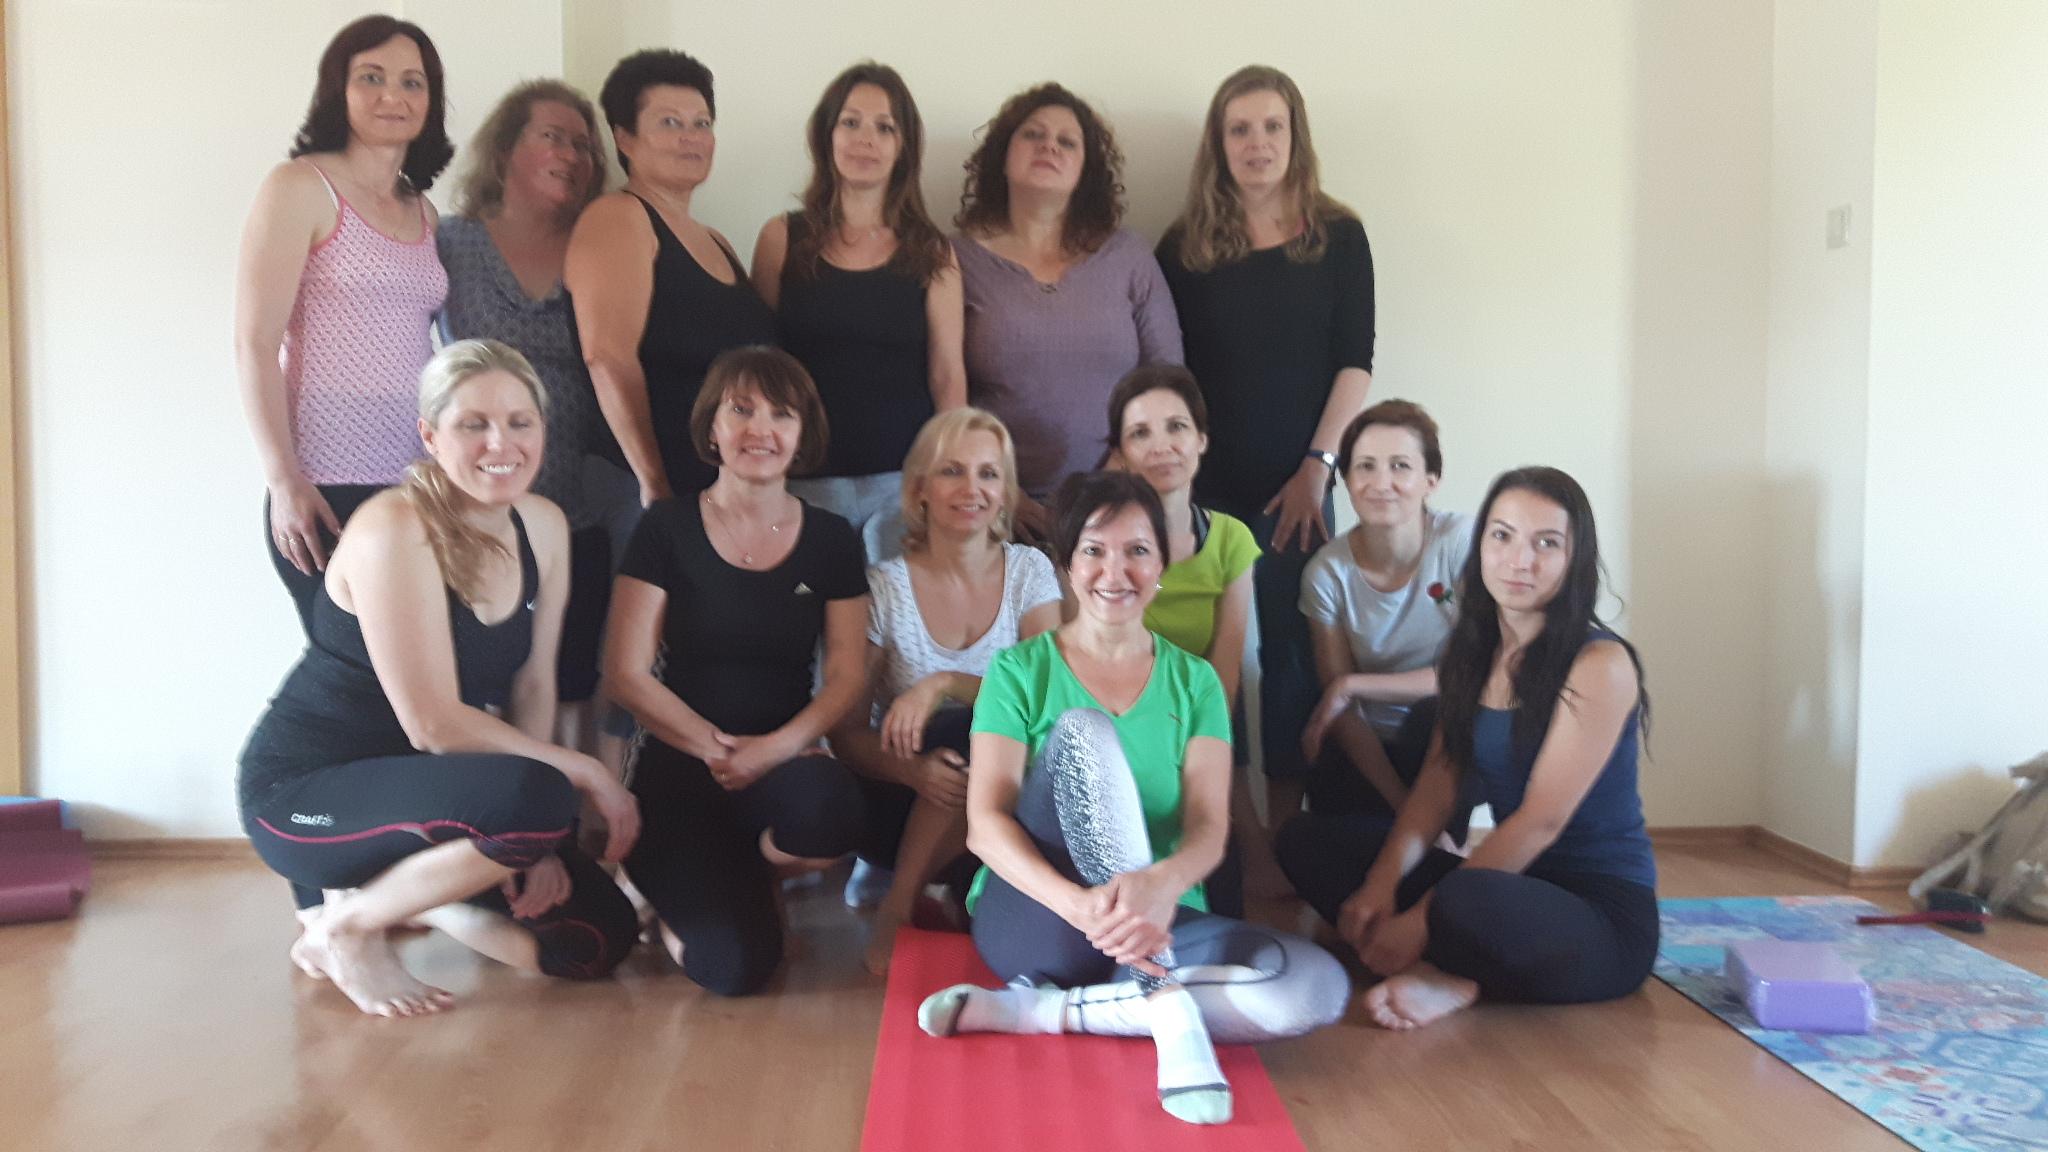 Intenzívny seminár hormonálnej jogovej terapie pre ženy -Považská Bystrica 11.5.2018